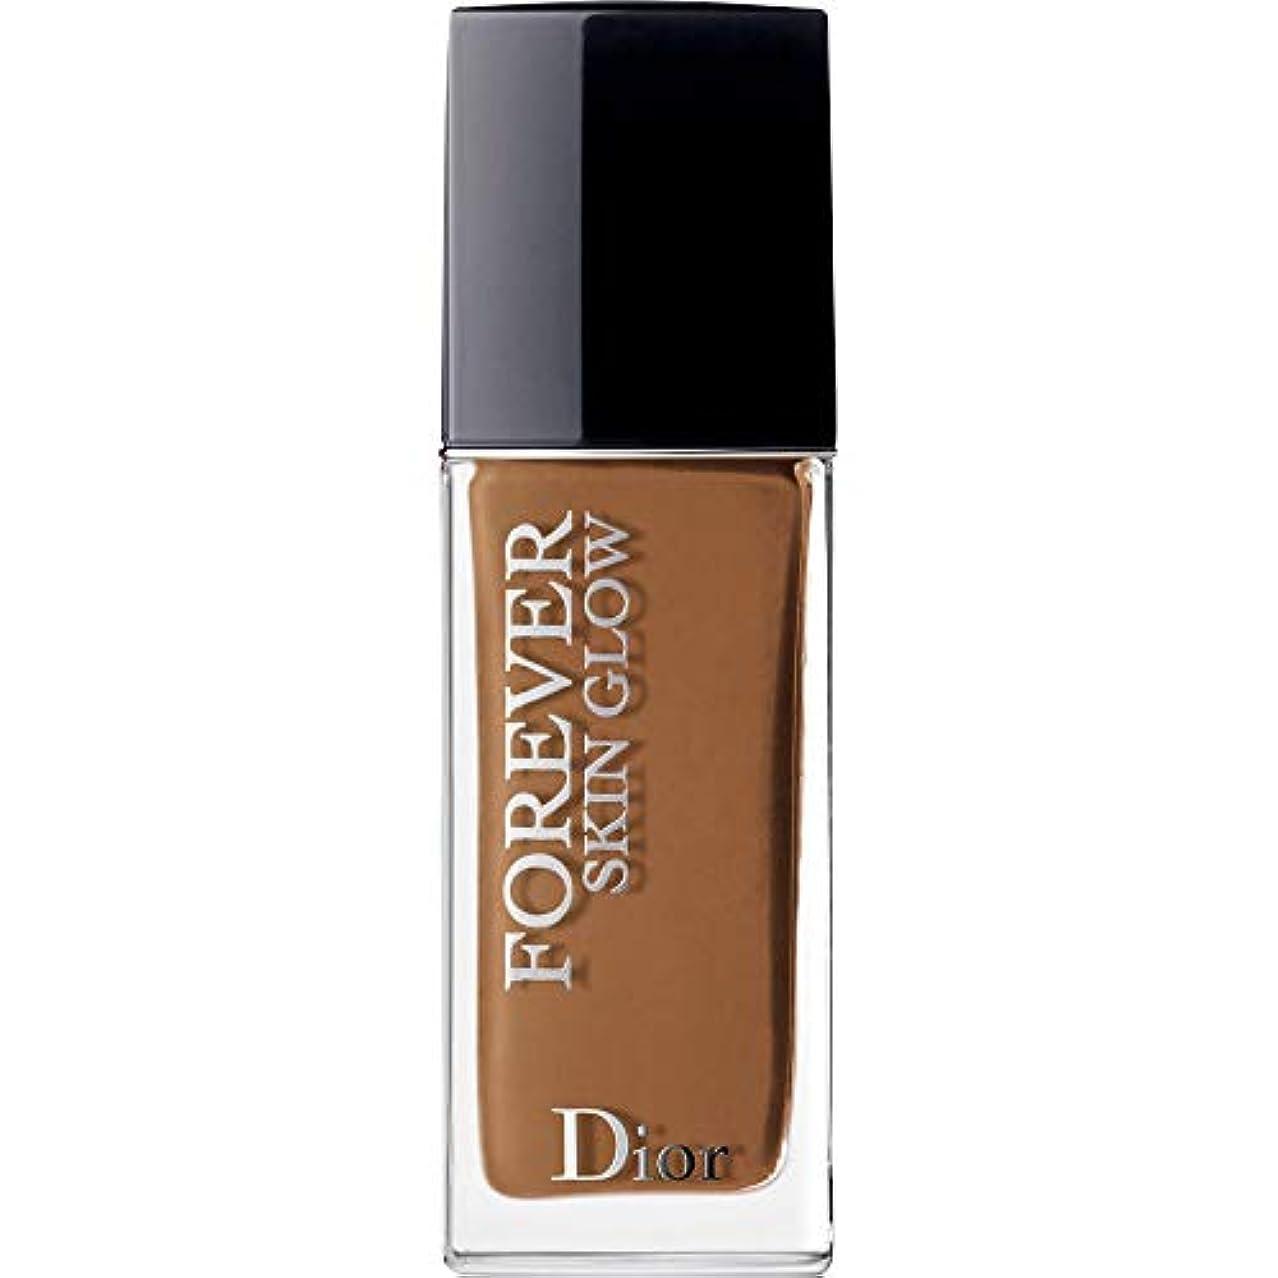 こだわり扱う風邪をひく[Dior ] ディオール永遠に皮膚グロー皮膚思いやりの基礎Spf35 30ミリリットルの7N - ニュートラル(肌の輝き) - DIOR Forever Skin Glow Skin-Caring Foundation...